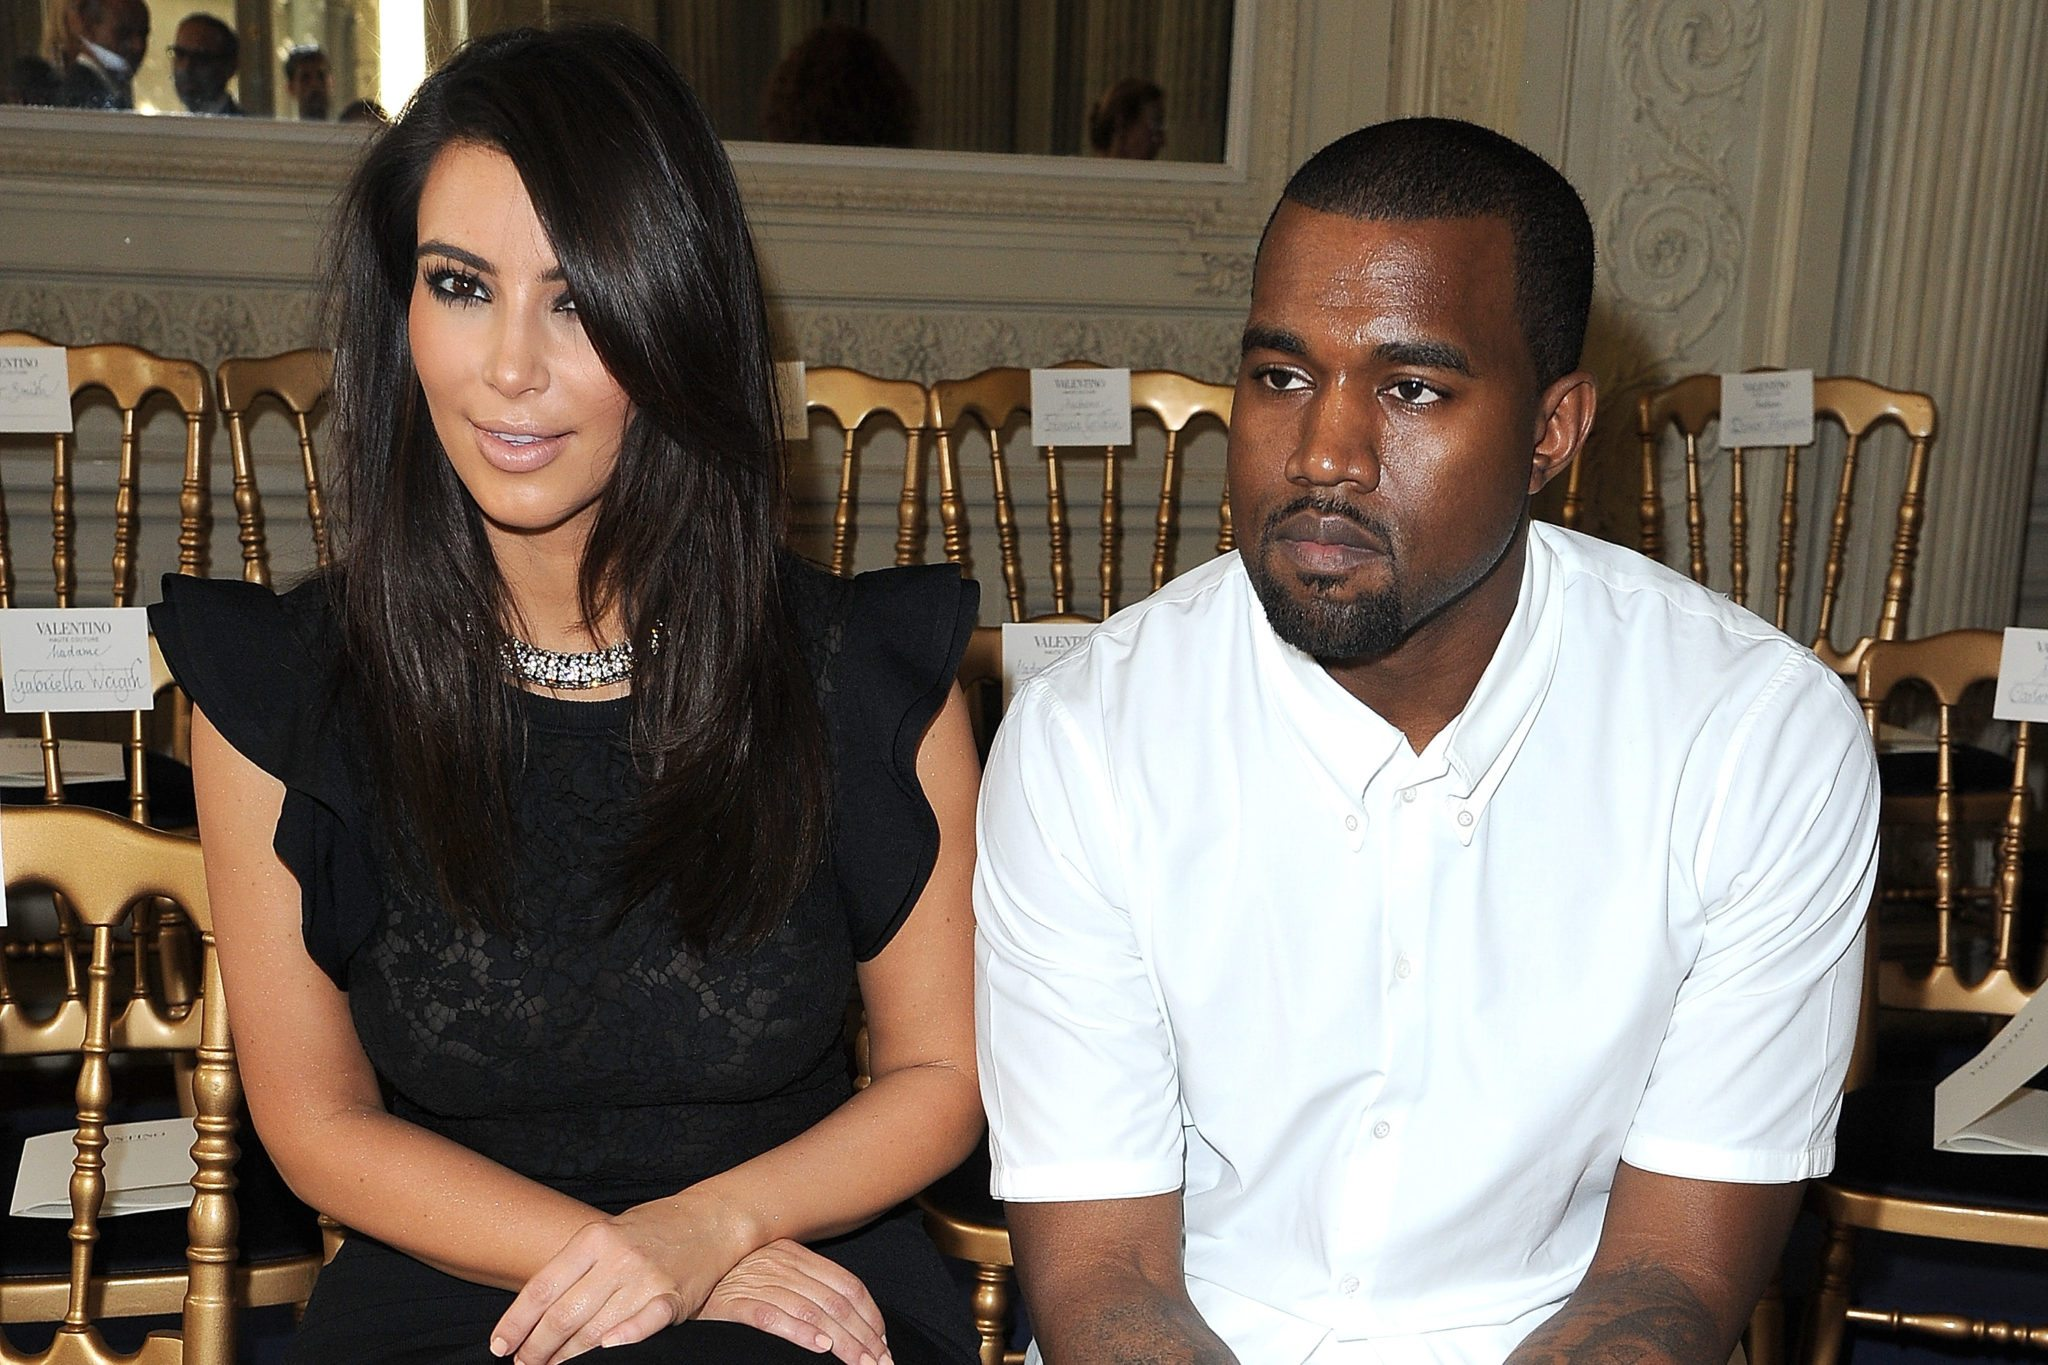 Kim Kardashian gratis sesso nastro video